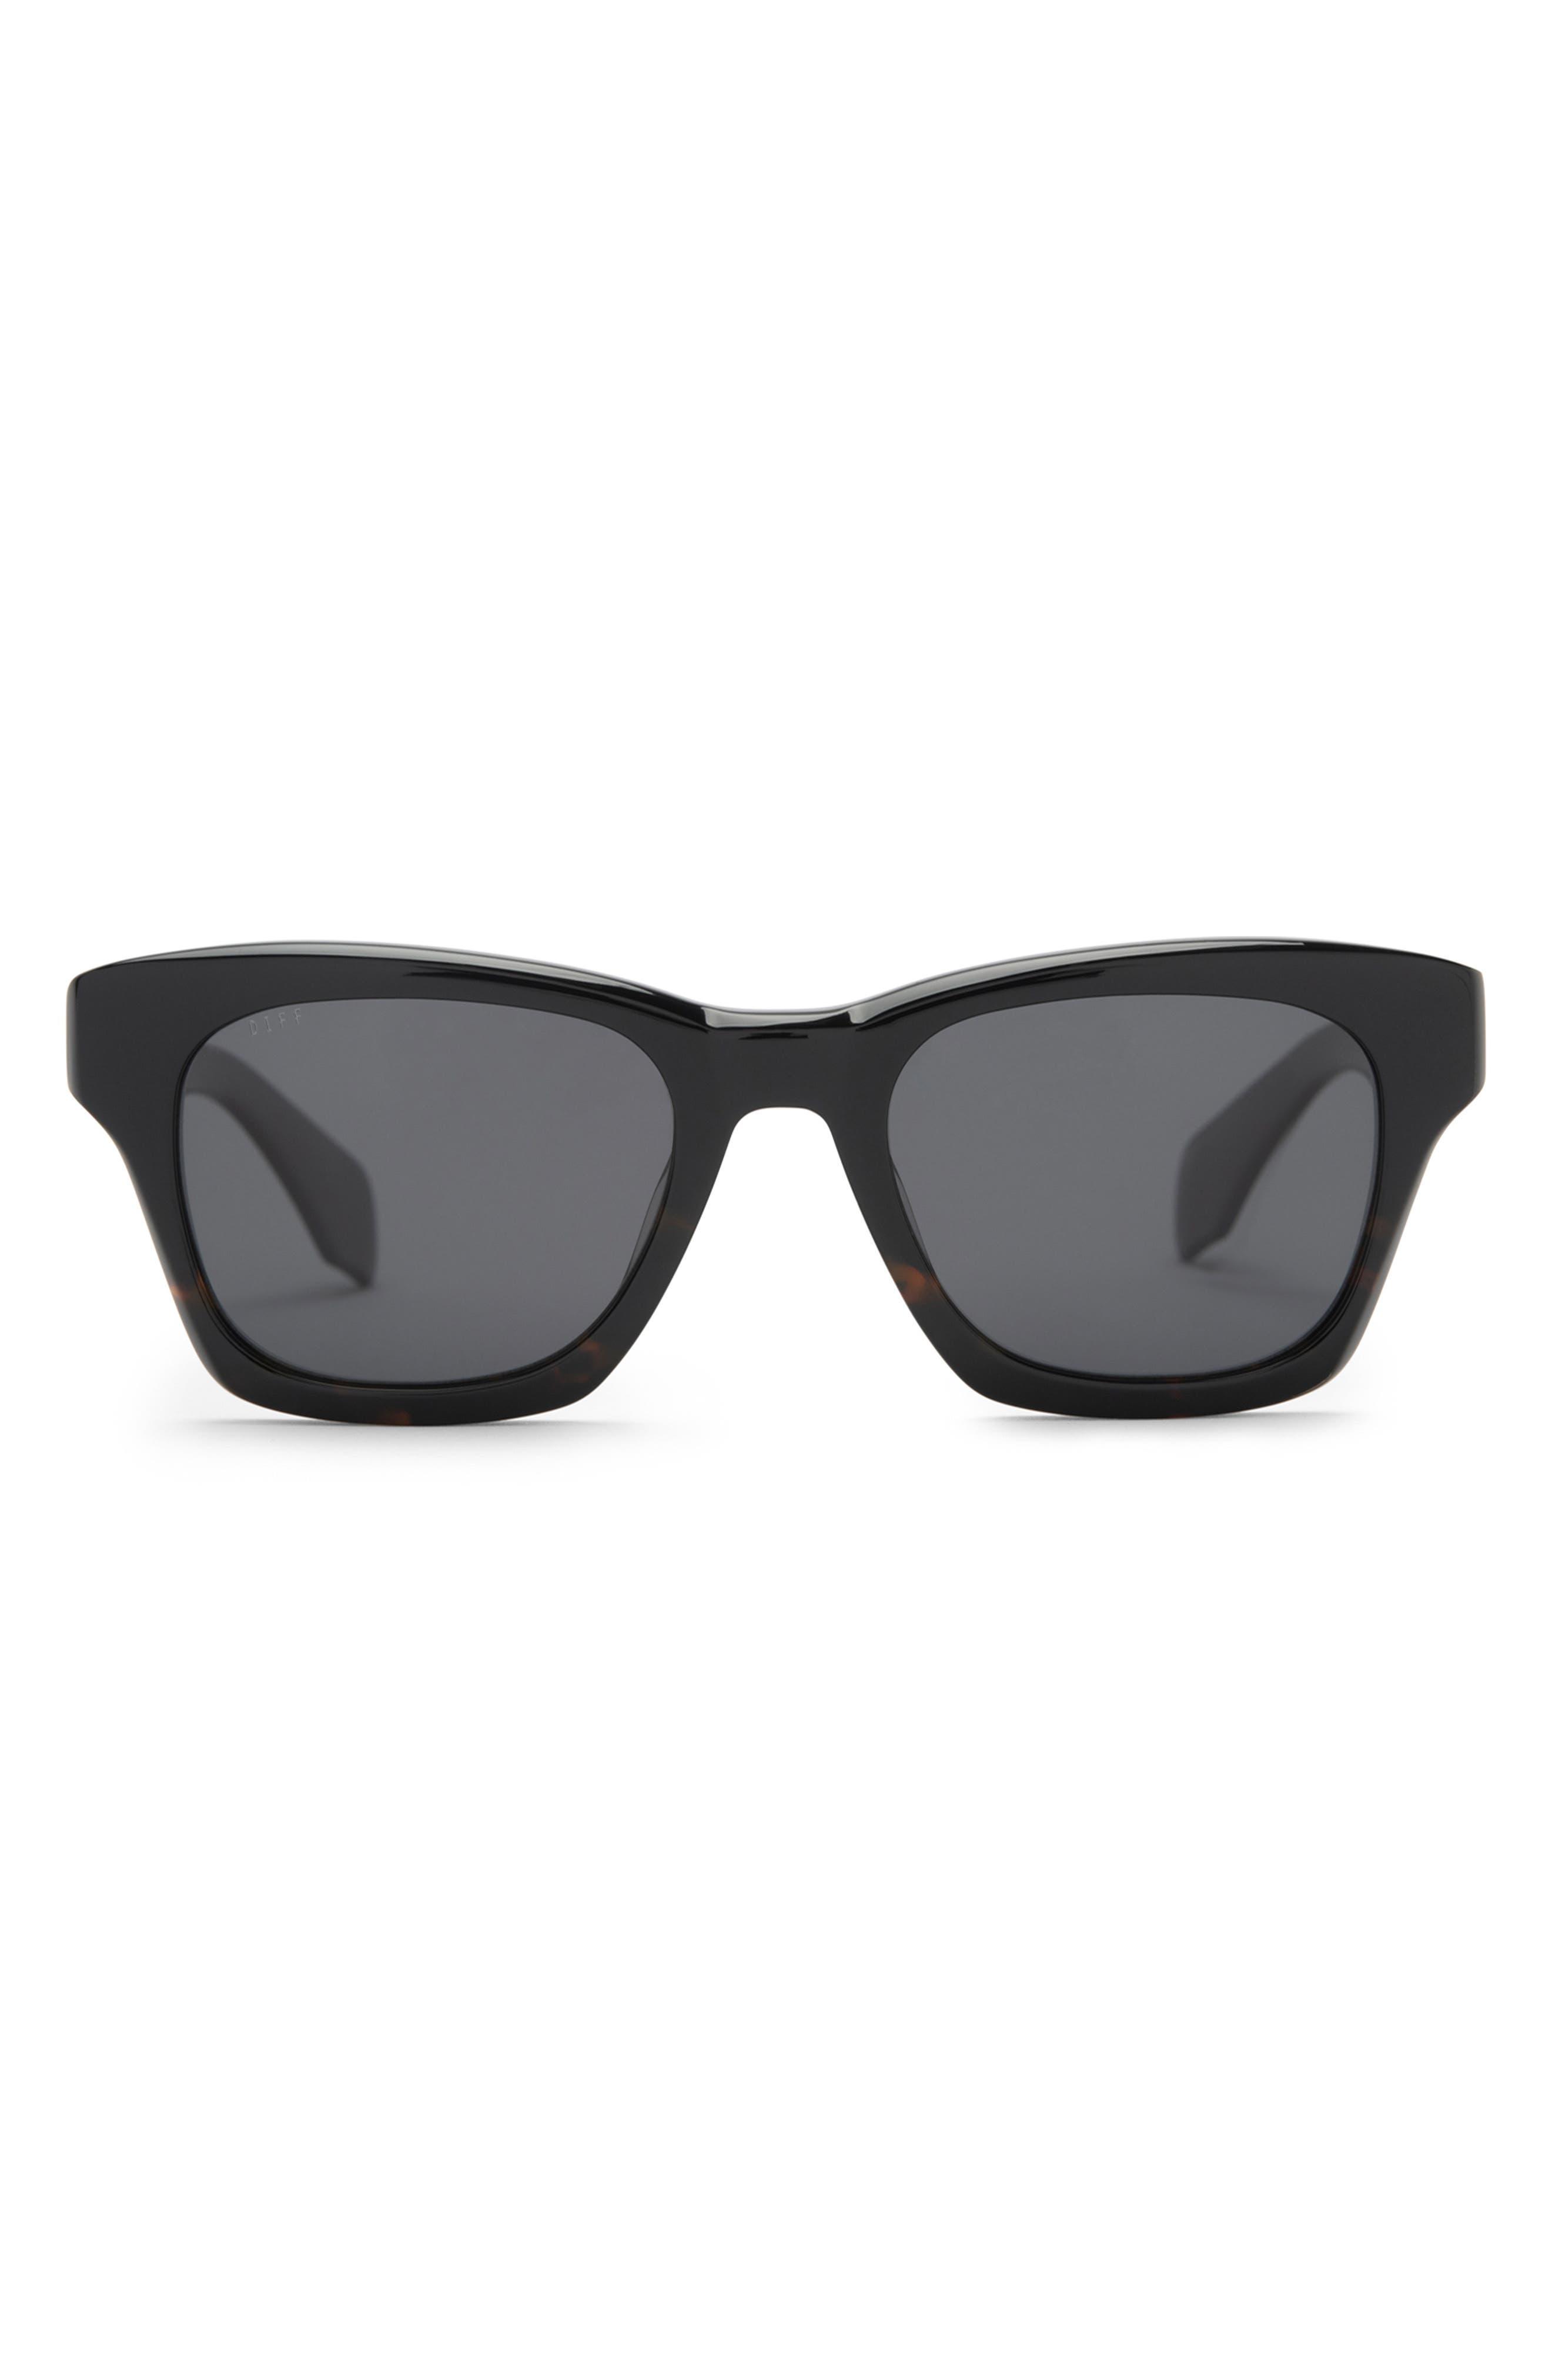 Dean 51mm Polarized Square Sunglasses